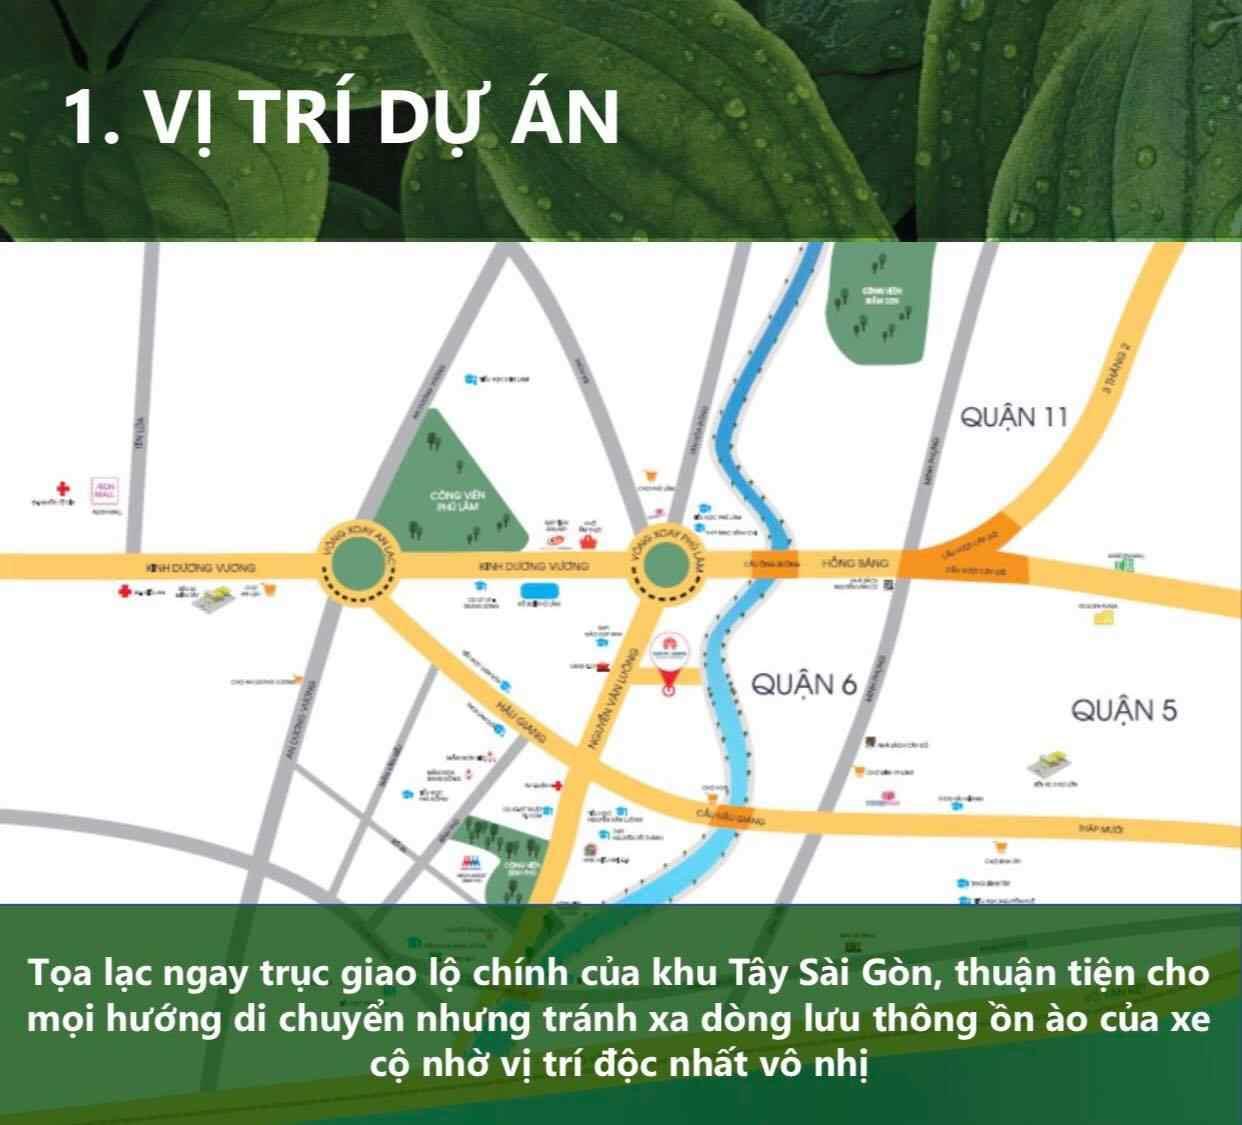 Sài Gòn Asiana Quận 6 - Vị trí-compressed